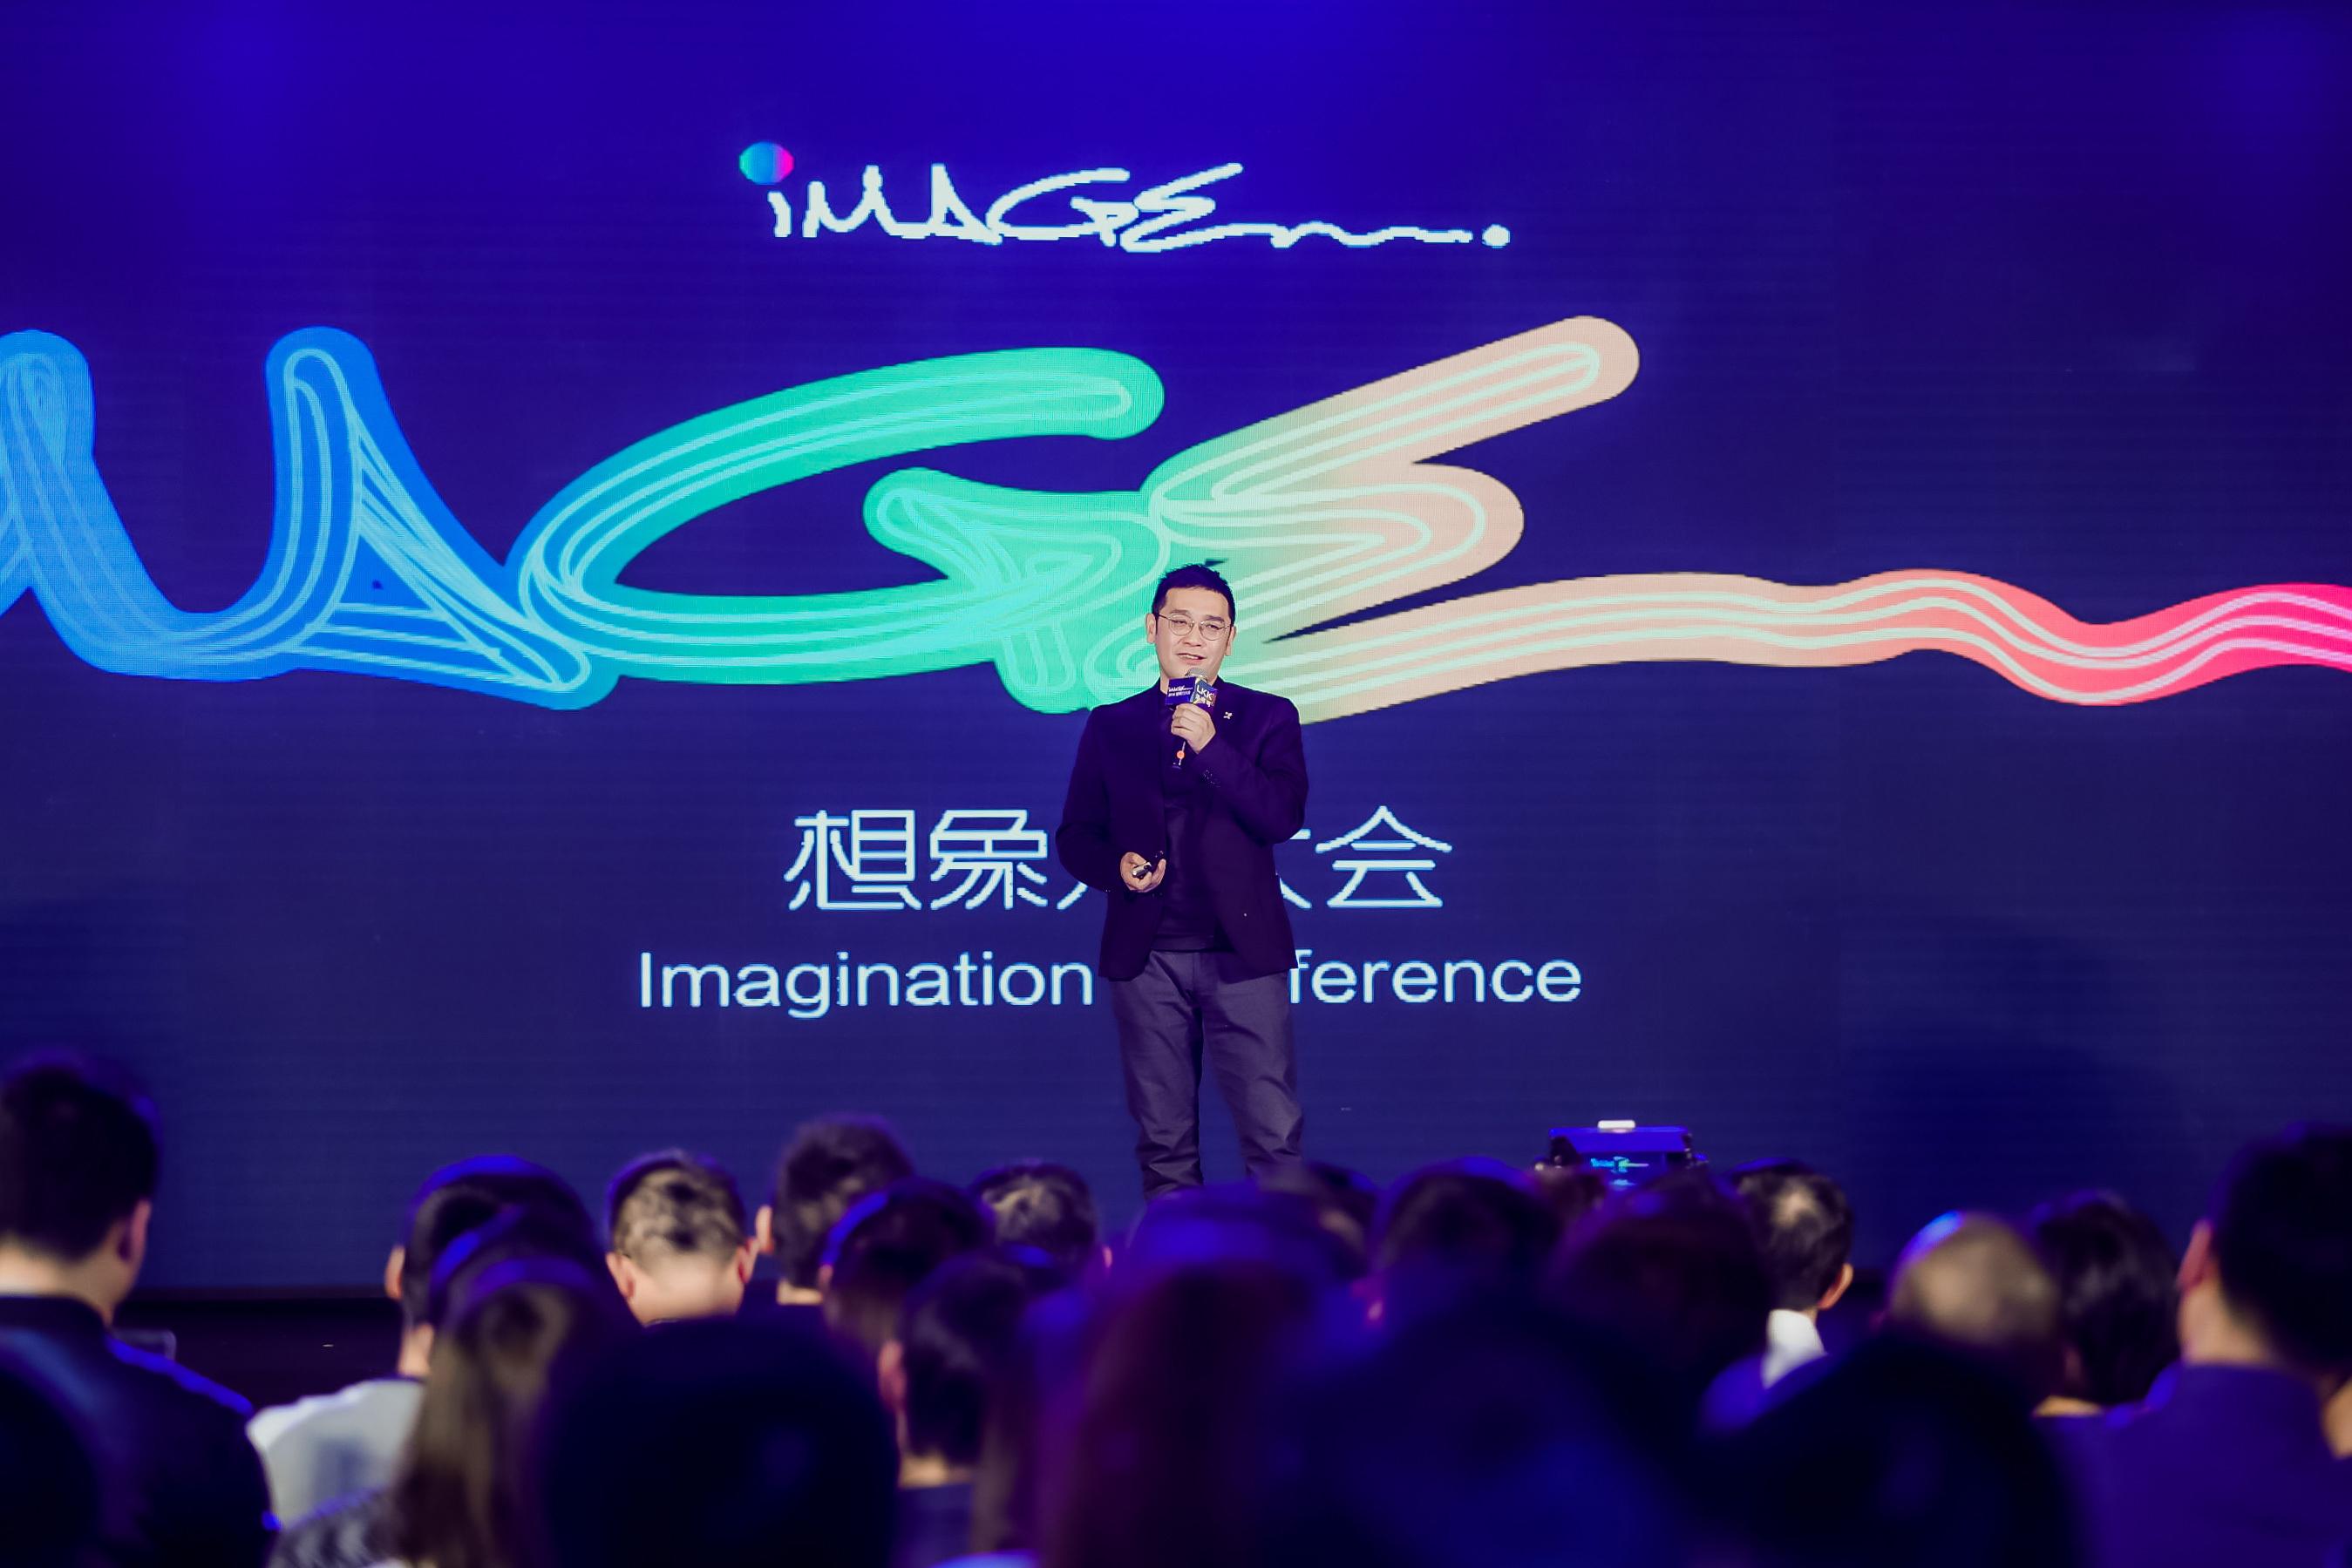 洛可可创新设计集团董事长,洛客科技创始人贾伟图片